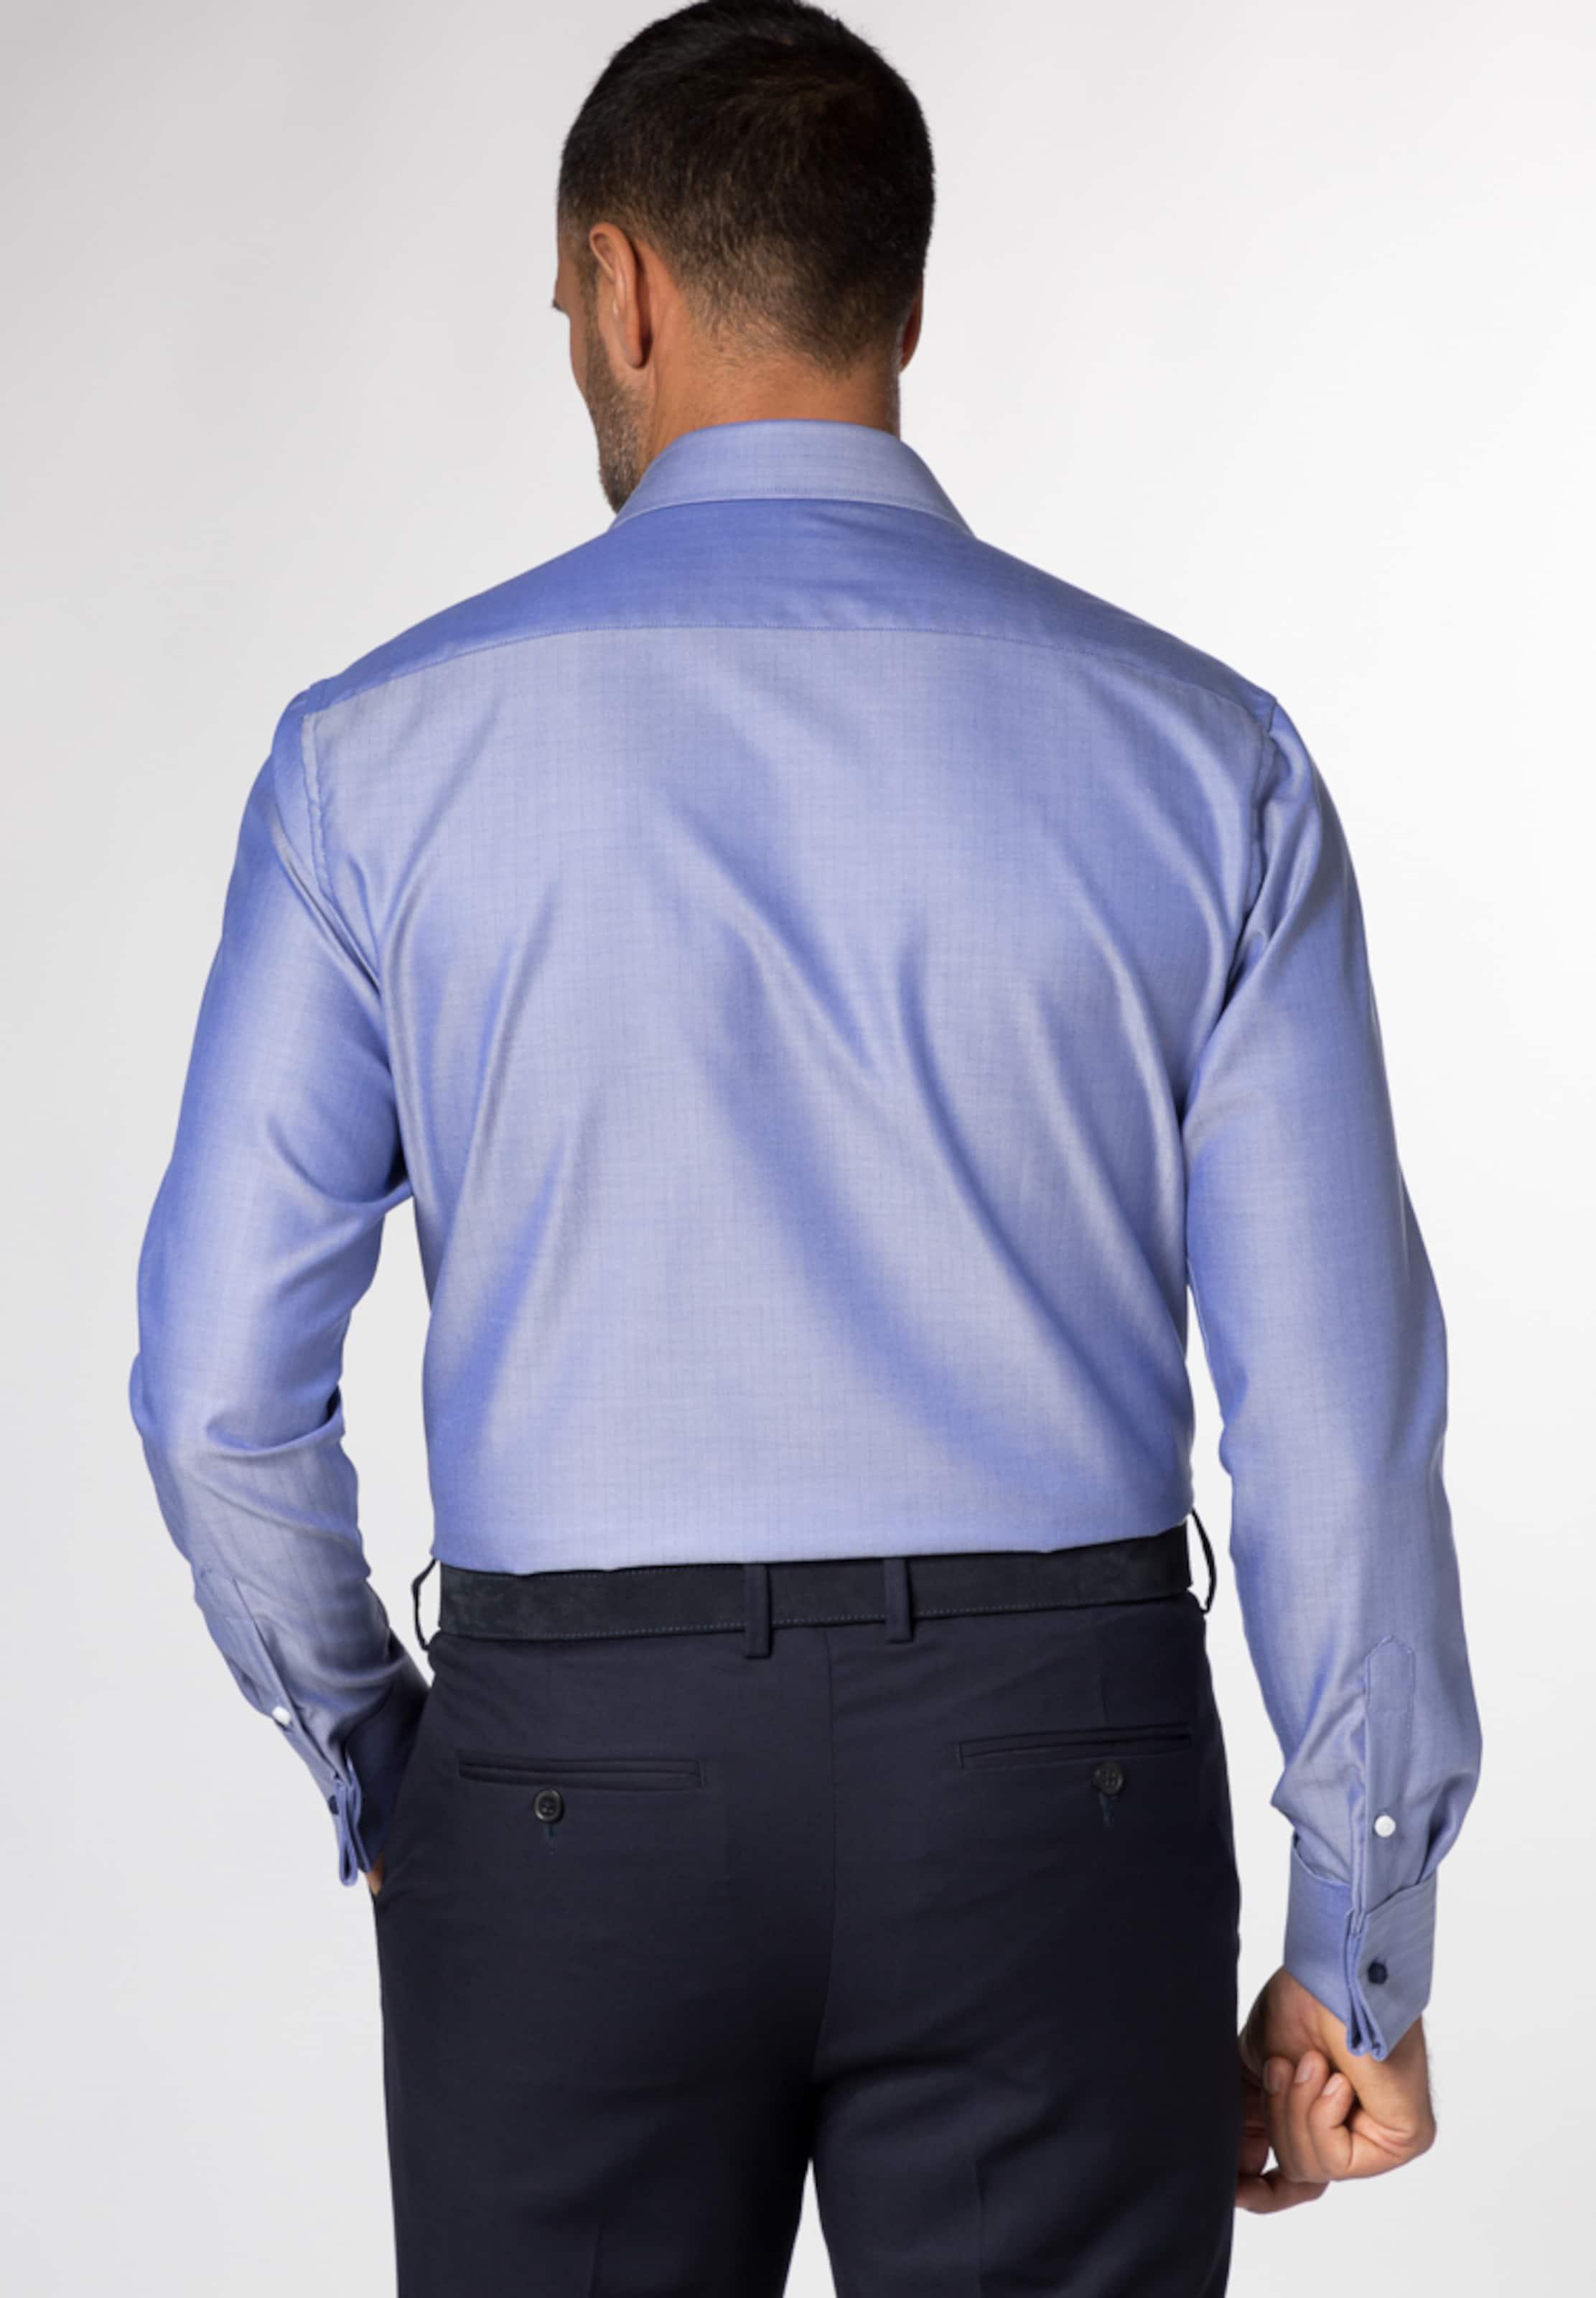 Qualität 2018 Auslaß ETERNA Langarm Hemd MODERN FIT Freies Verschiffen Wählen Eine Beste Freie Verschiffen-Websites Niedrig Kosten Für Verkauf uBUwogxlL